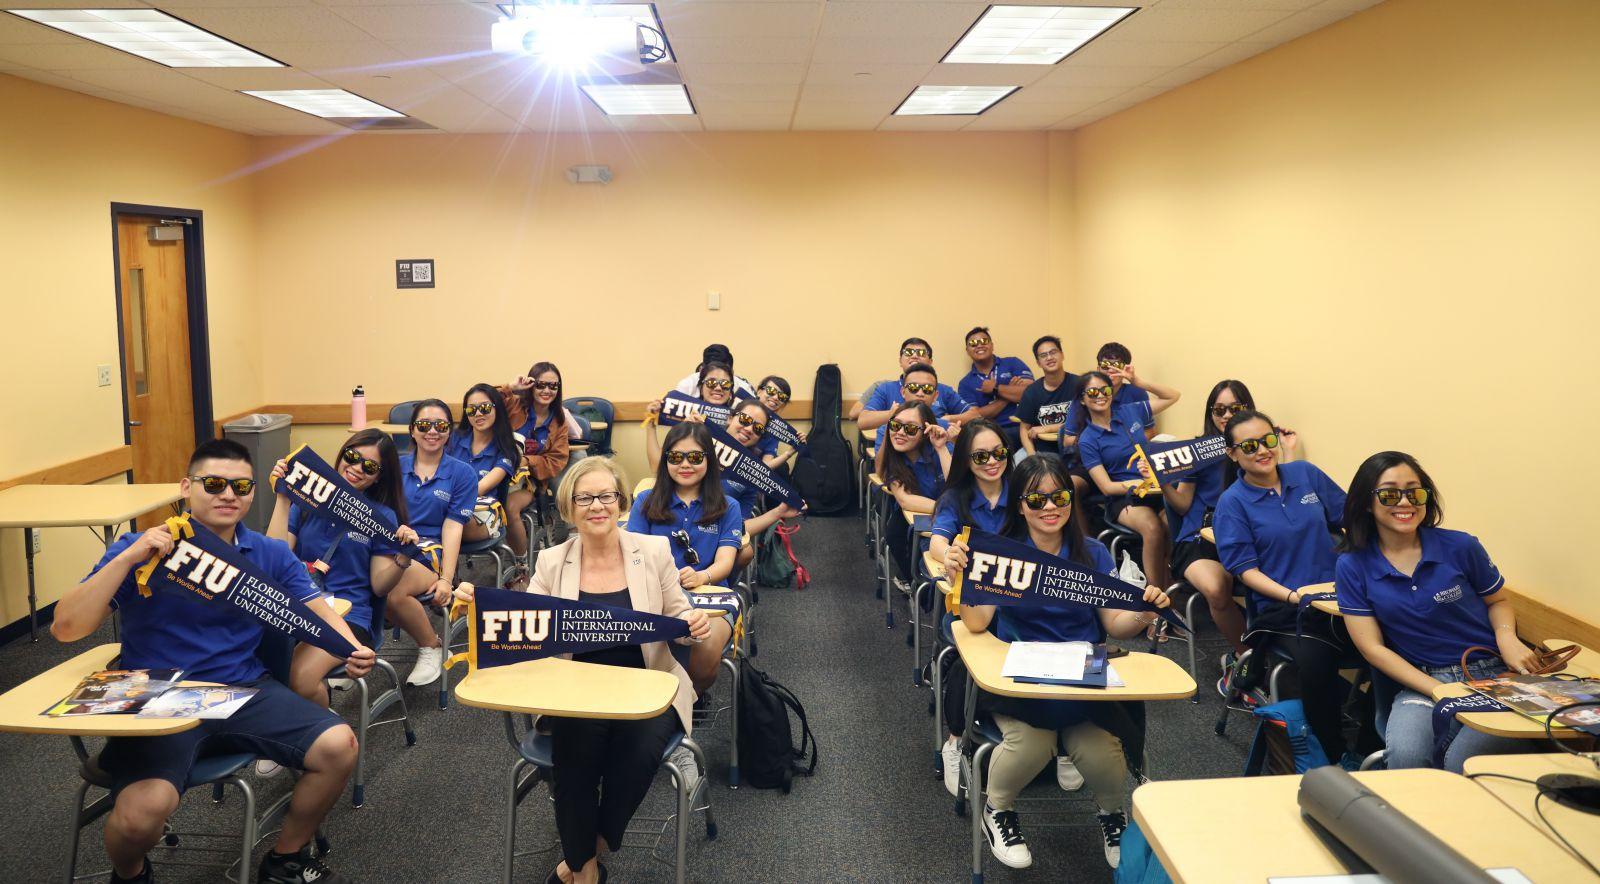 Sinh viên Broward Việt Nam tại Đại học Florida International University - Đại học đào tạo ngành Hospitality hàng đầu tại Mỹ và thế giới